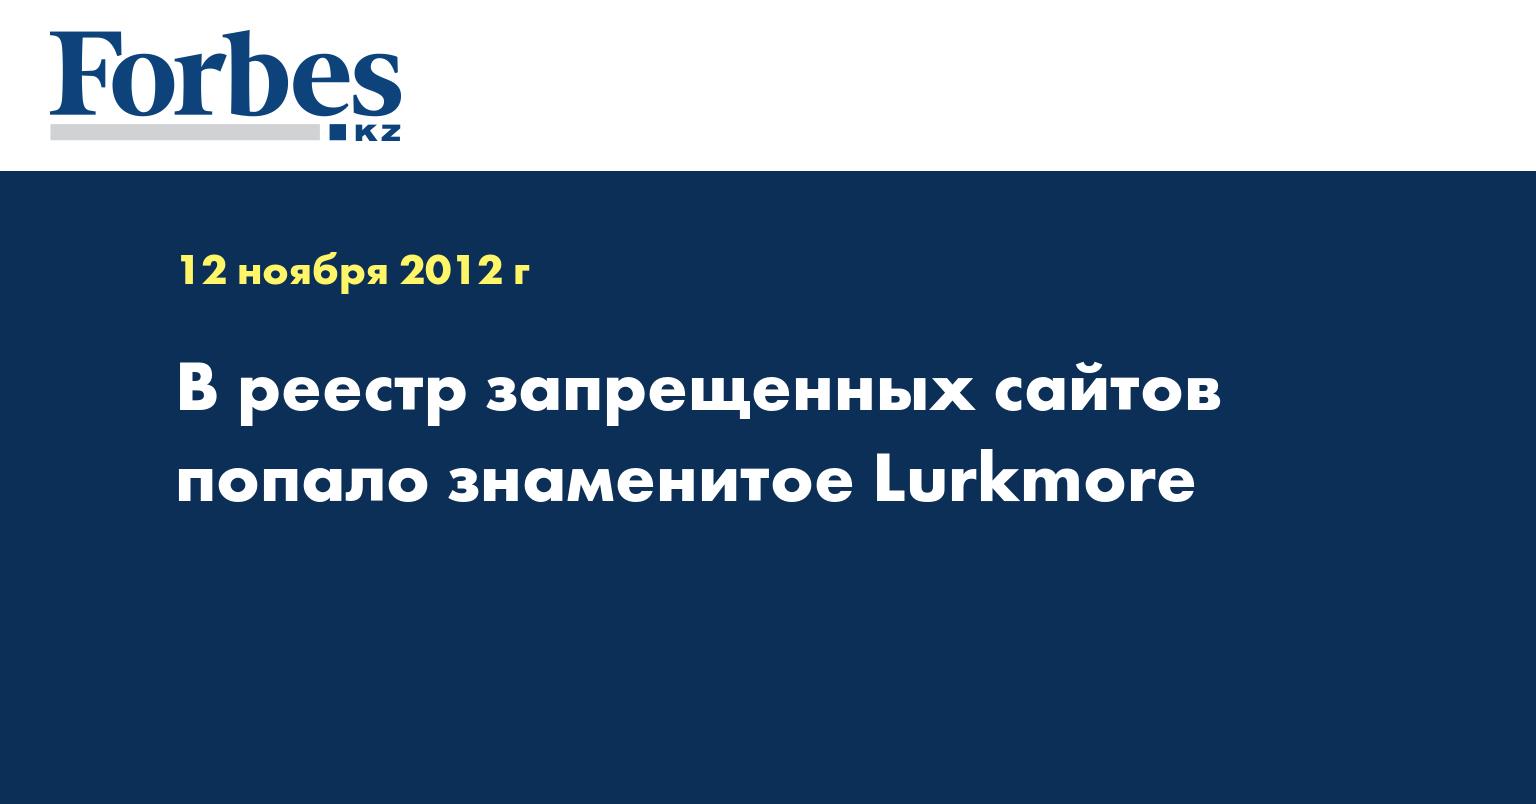 Конопля способы употребления lurkmore украина будет выращивать коноплю